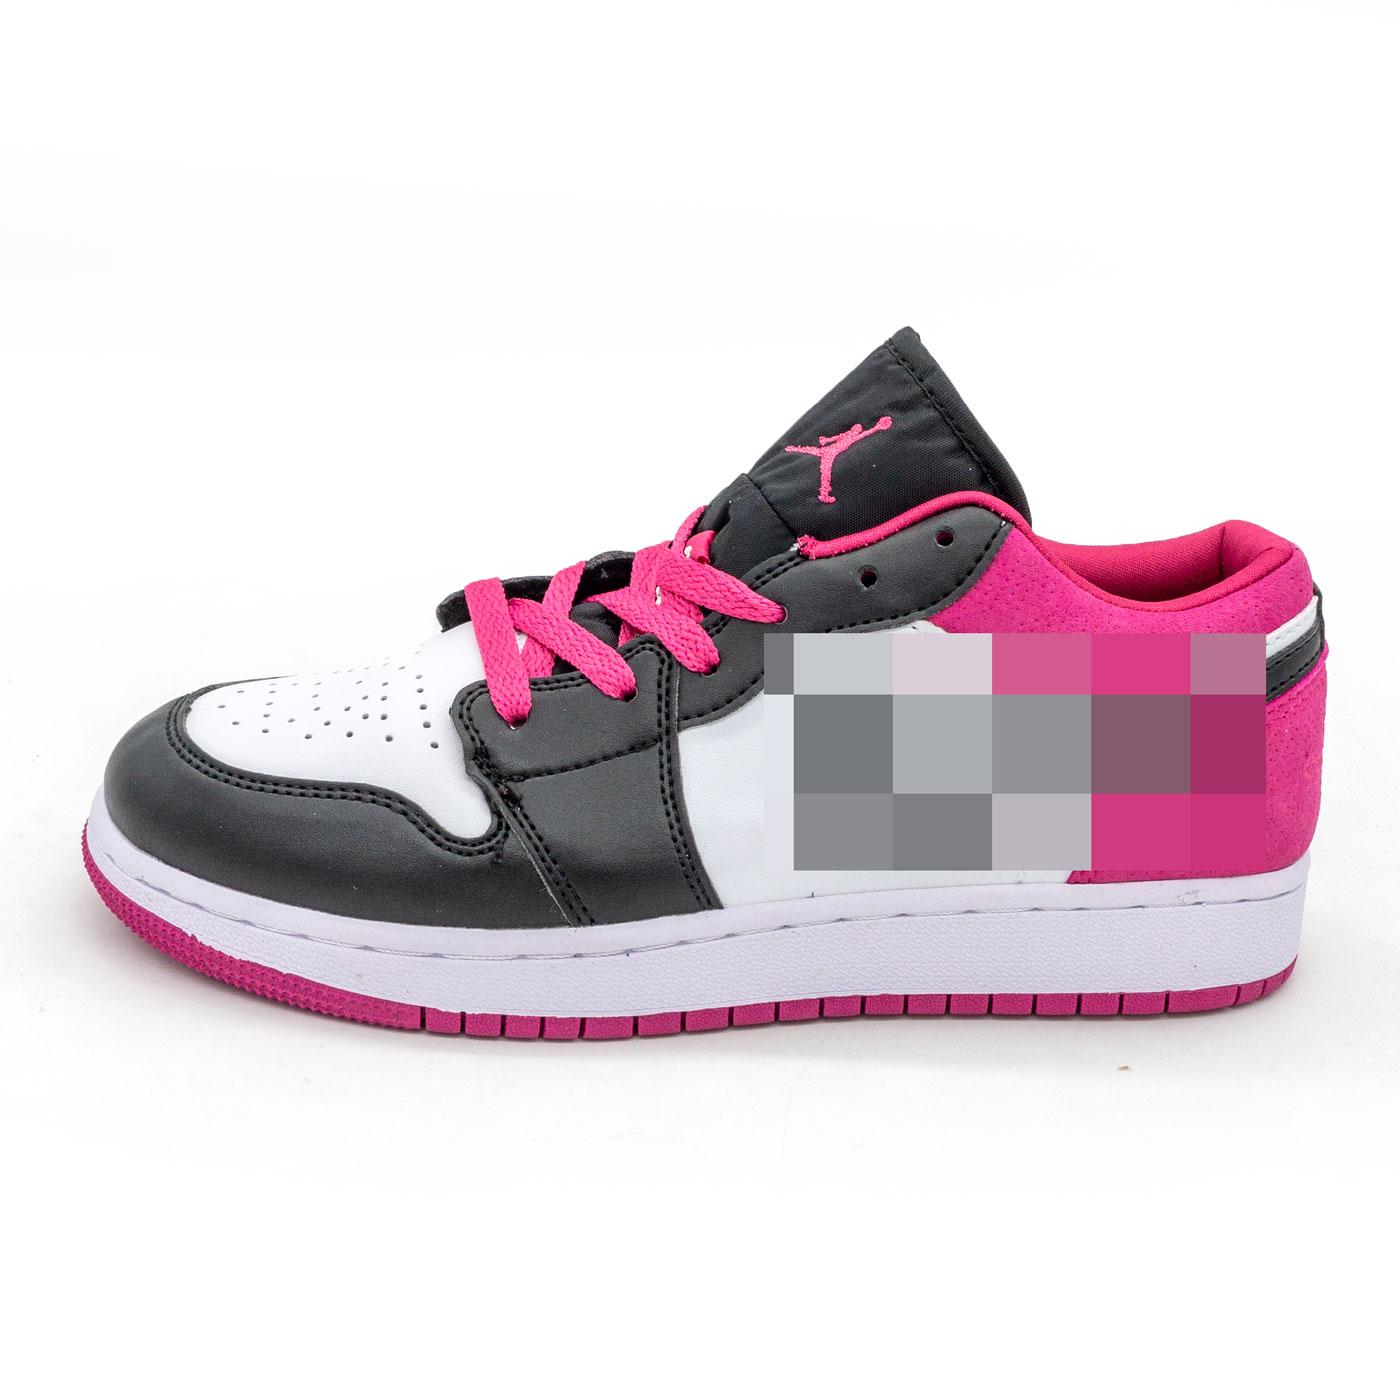 фото main Низкие черные c фиолетовым кроссовки Nke Air Jordan 1 main